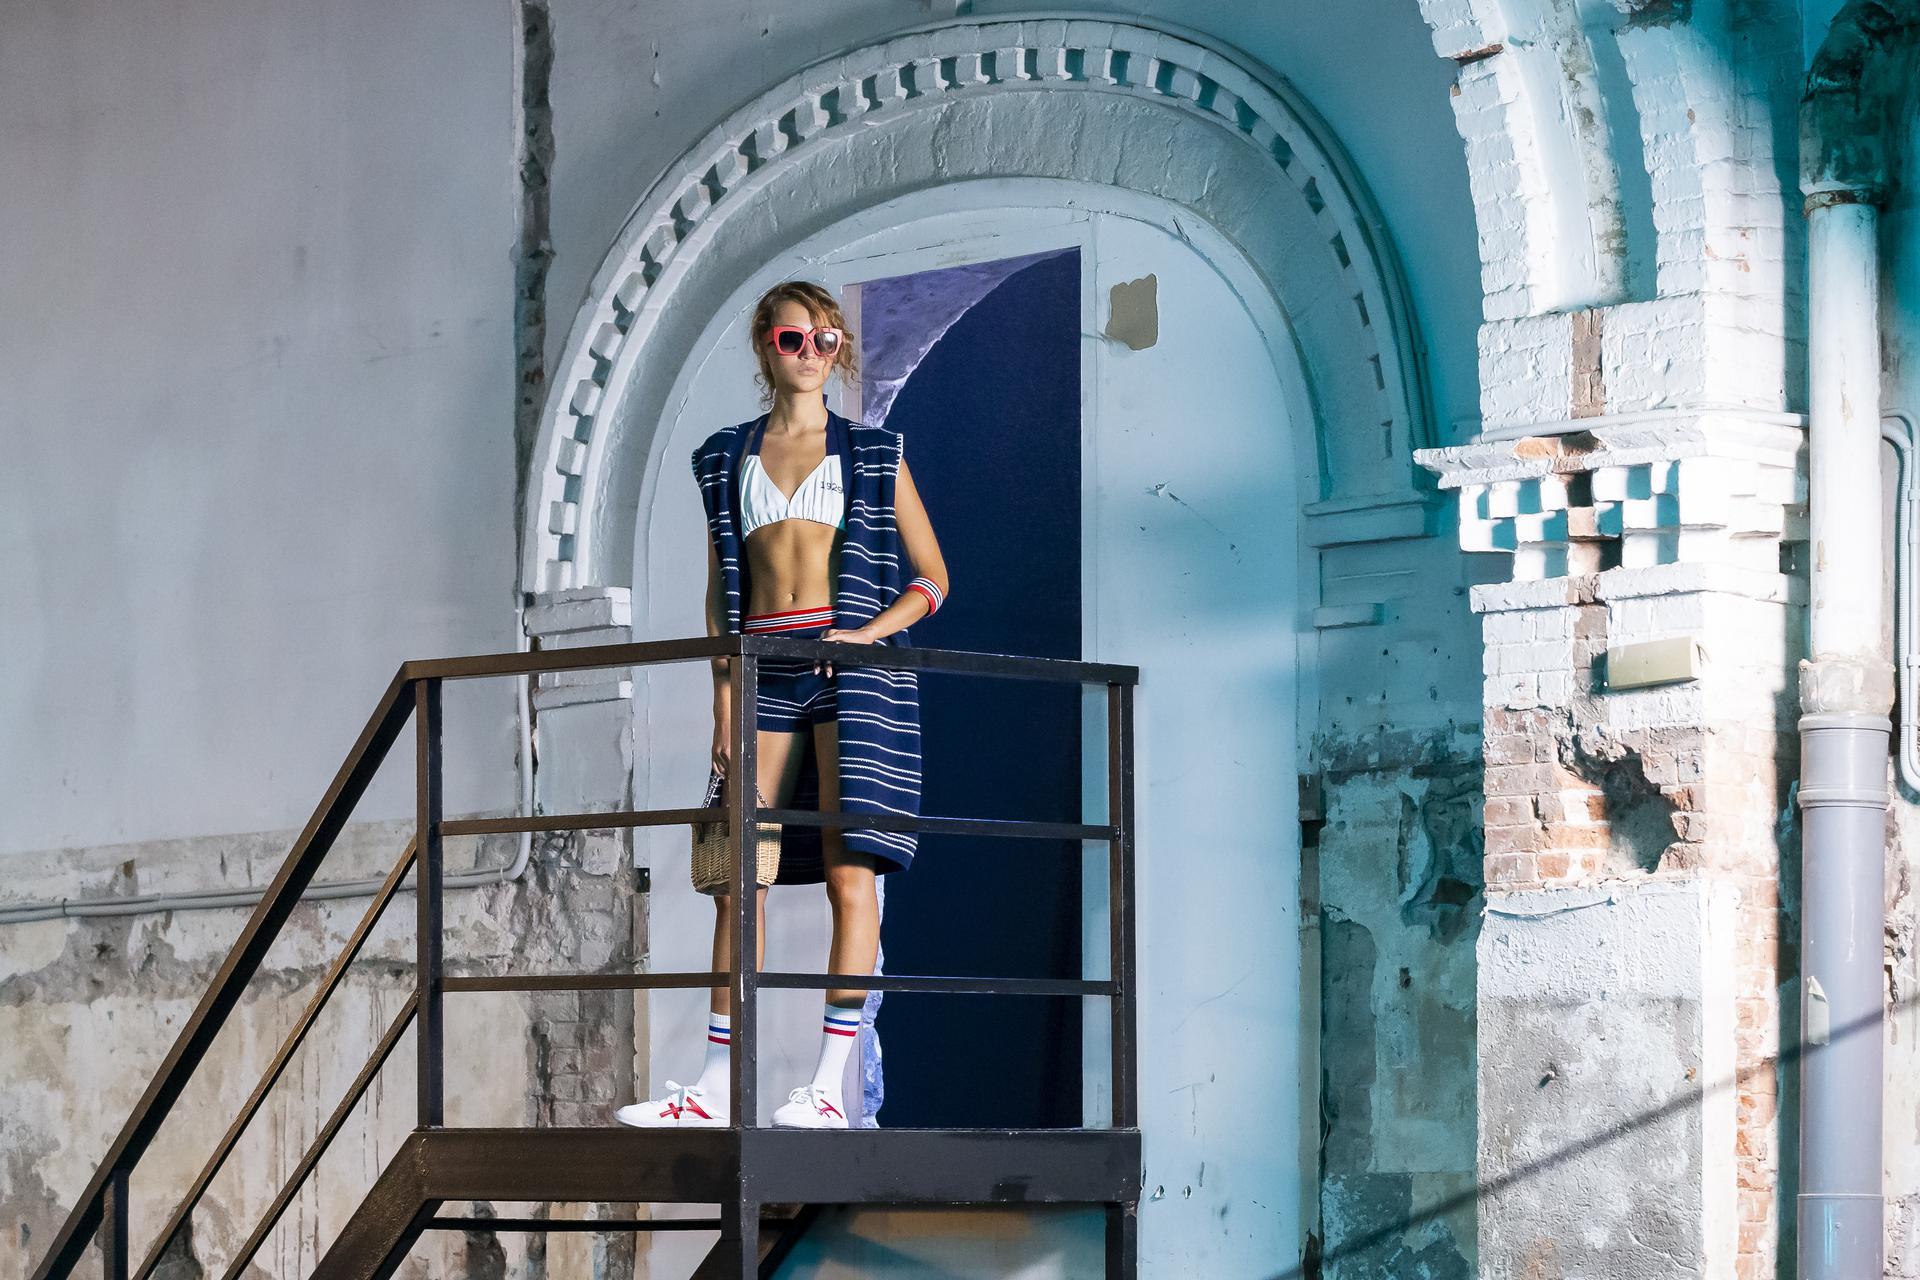 Escorpion%20ambient 1029 - Segunda sesión de la pasarela digital 080 Barcelona Fashion